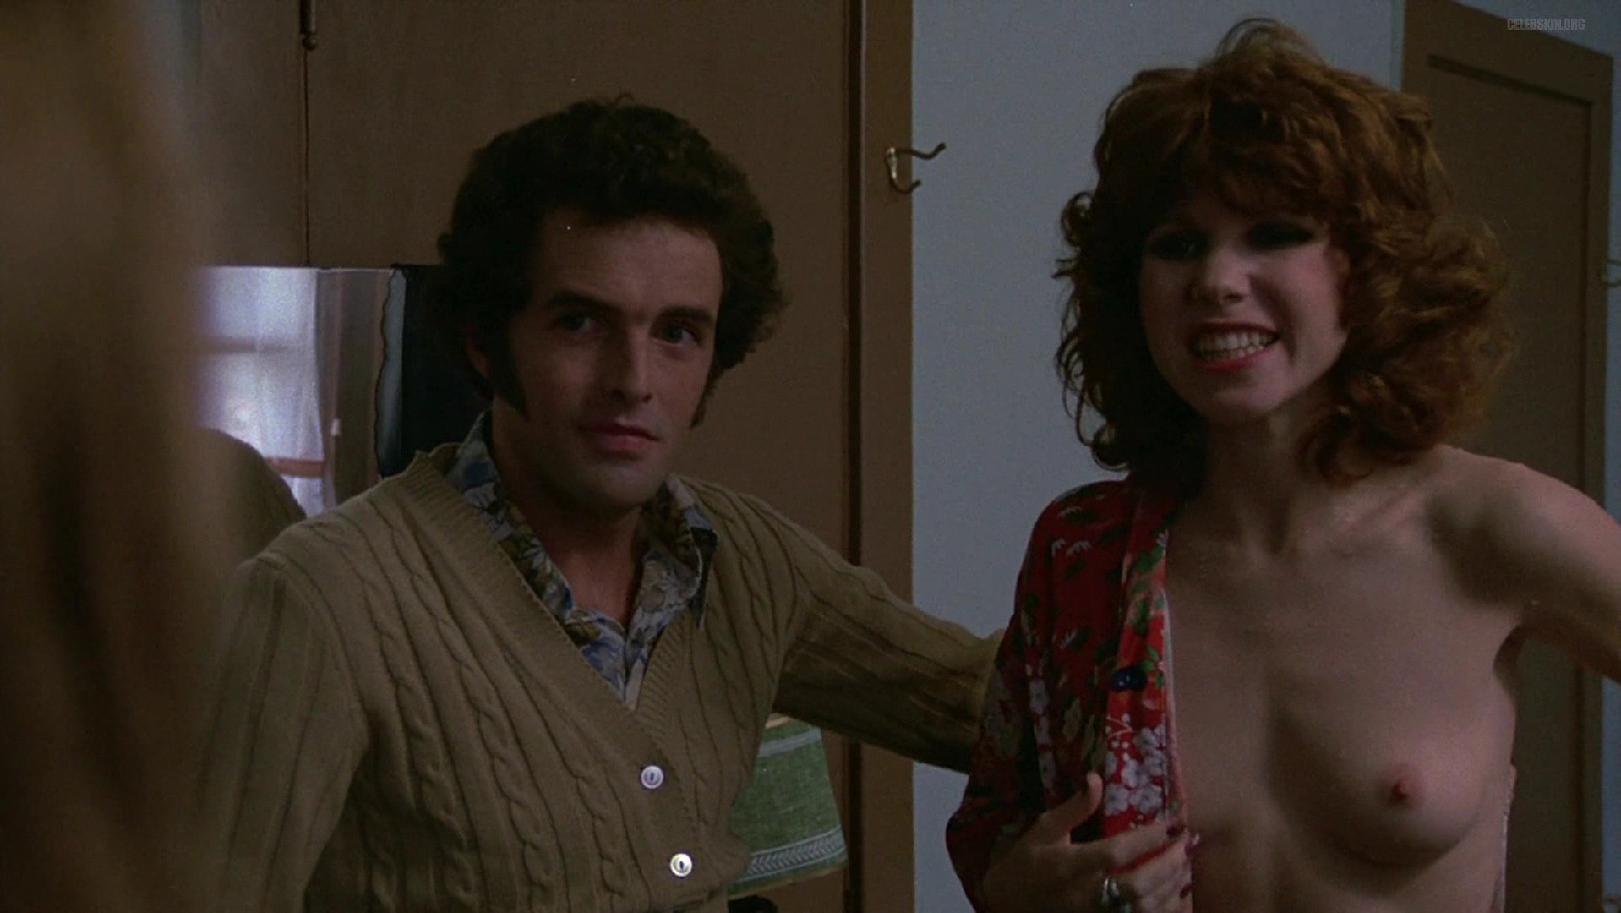 Marcie Barkin nude - Nashville Girl (1976)